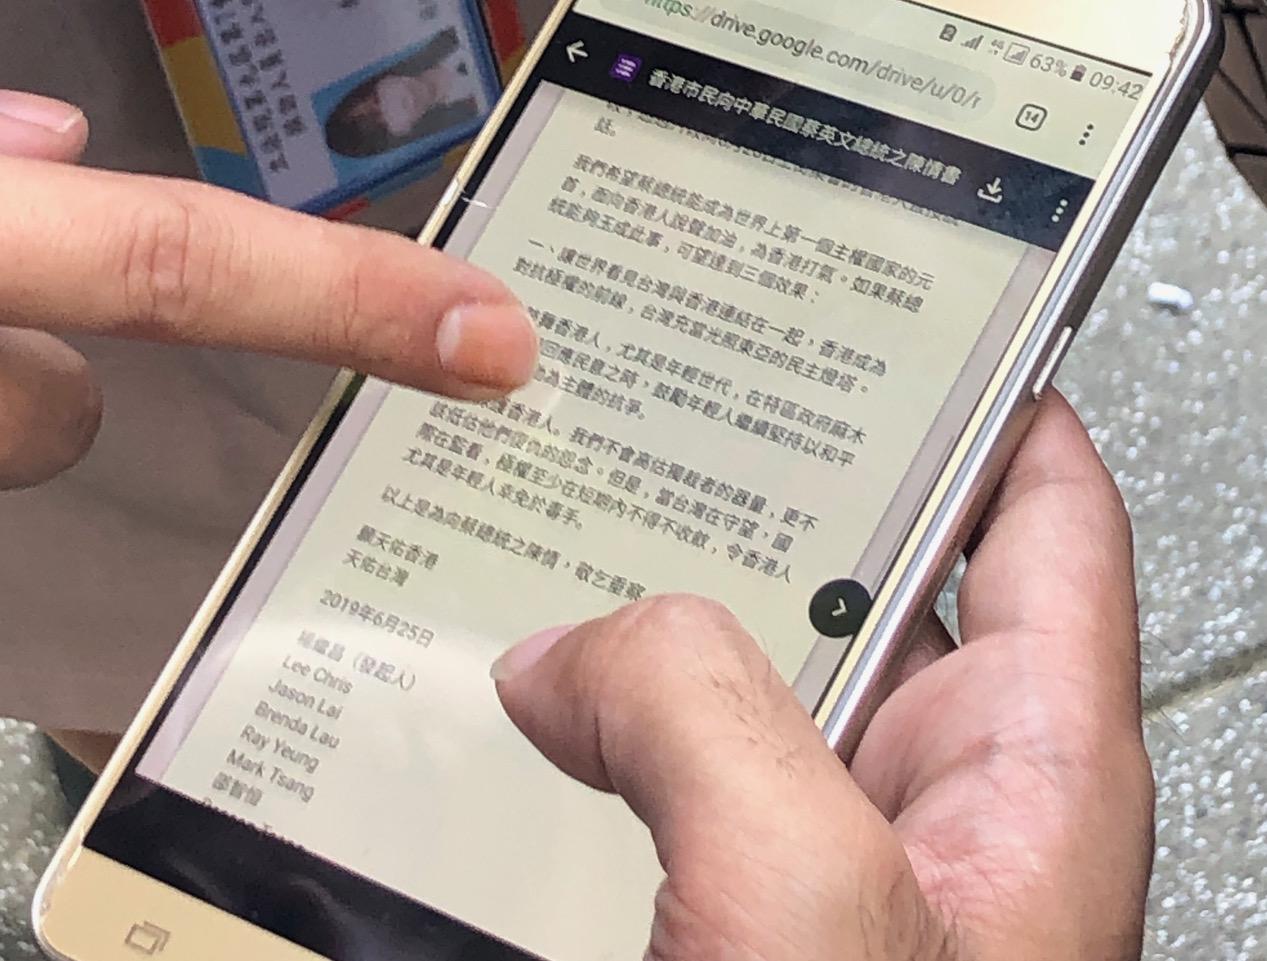 """港人发起网路连署""""香港市民向中华民国蔡英文总统之陈情书""""。(记者夏小华摄)"""